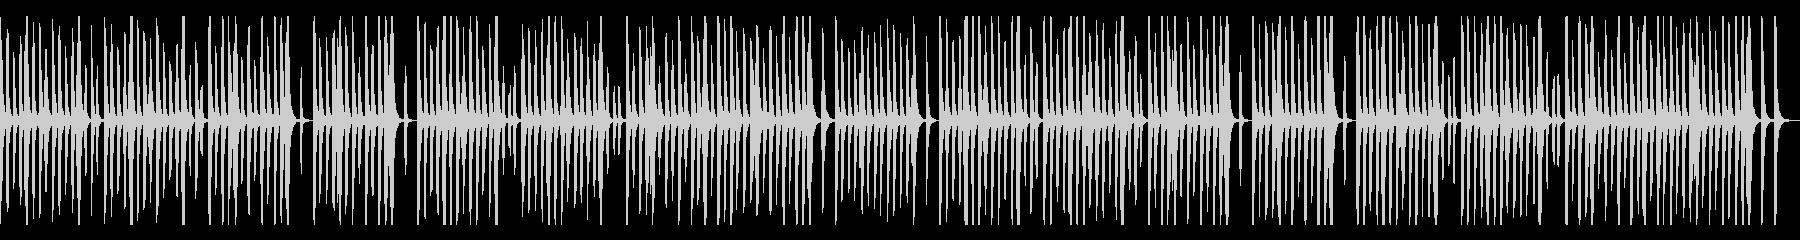 リコーダーとピアノのほのぼの系、子供の未再生の波形